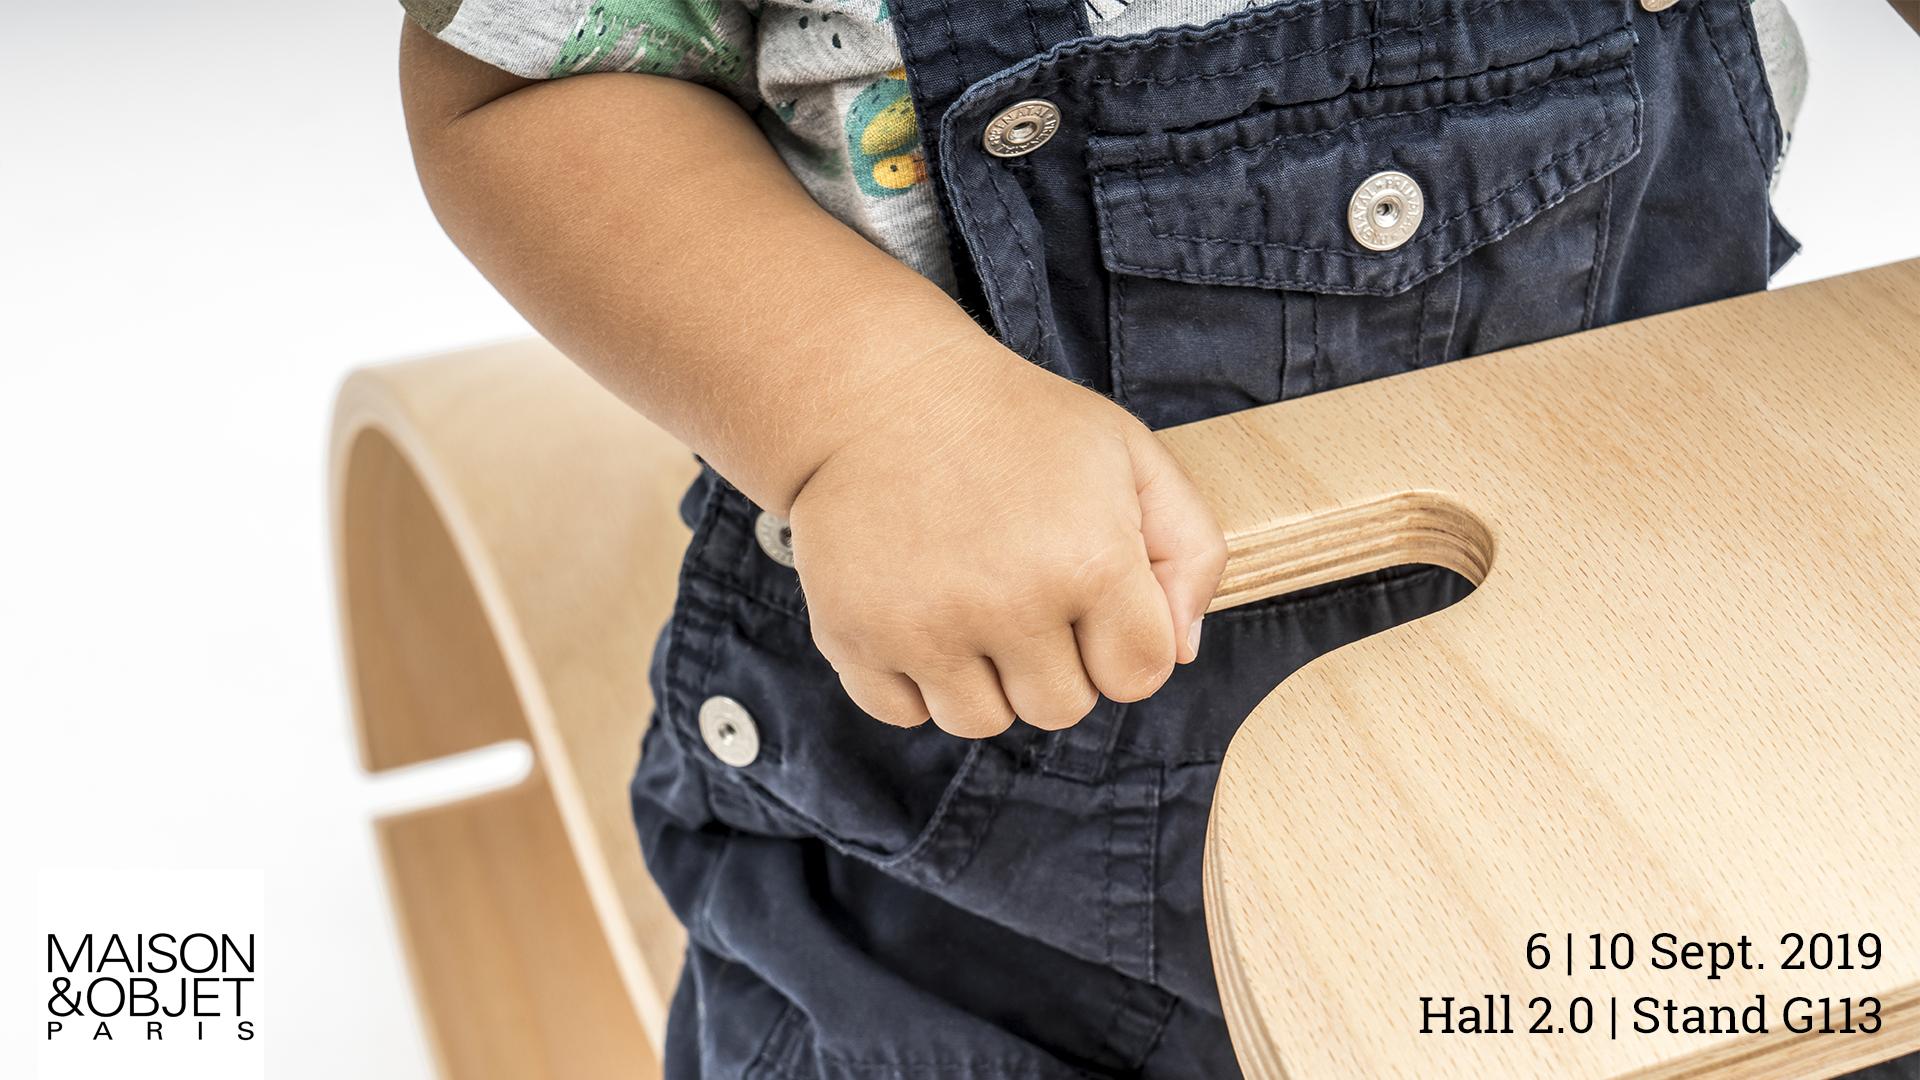 Locandina dell'esposizione del prodotto YaWood di Argo4 presso Maison&Objet a Parigi. Dettaglio della mano di un bambino che afferra del manubrio di YaWood.